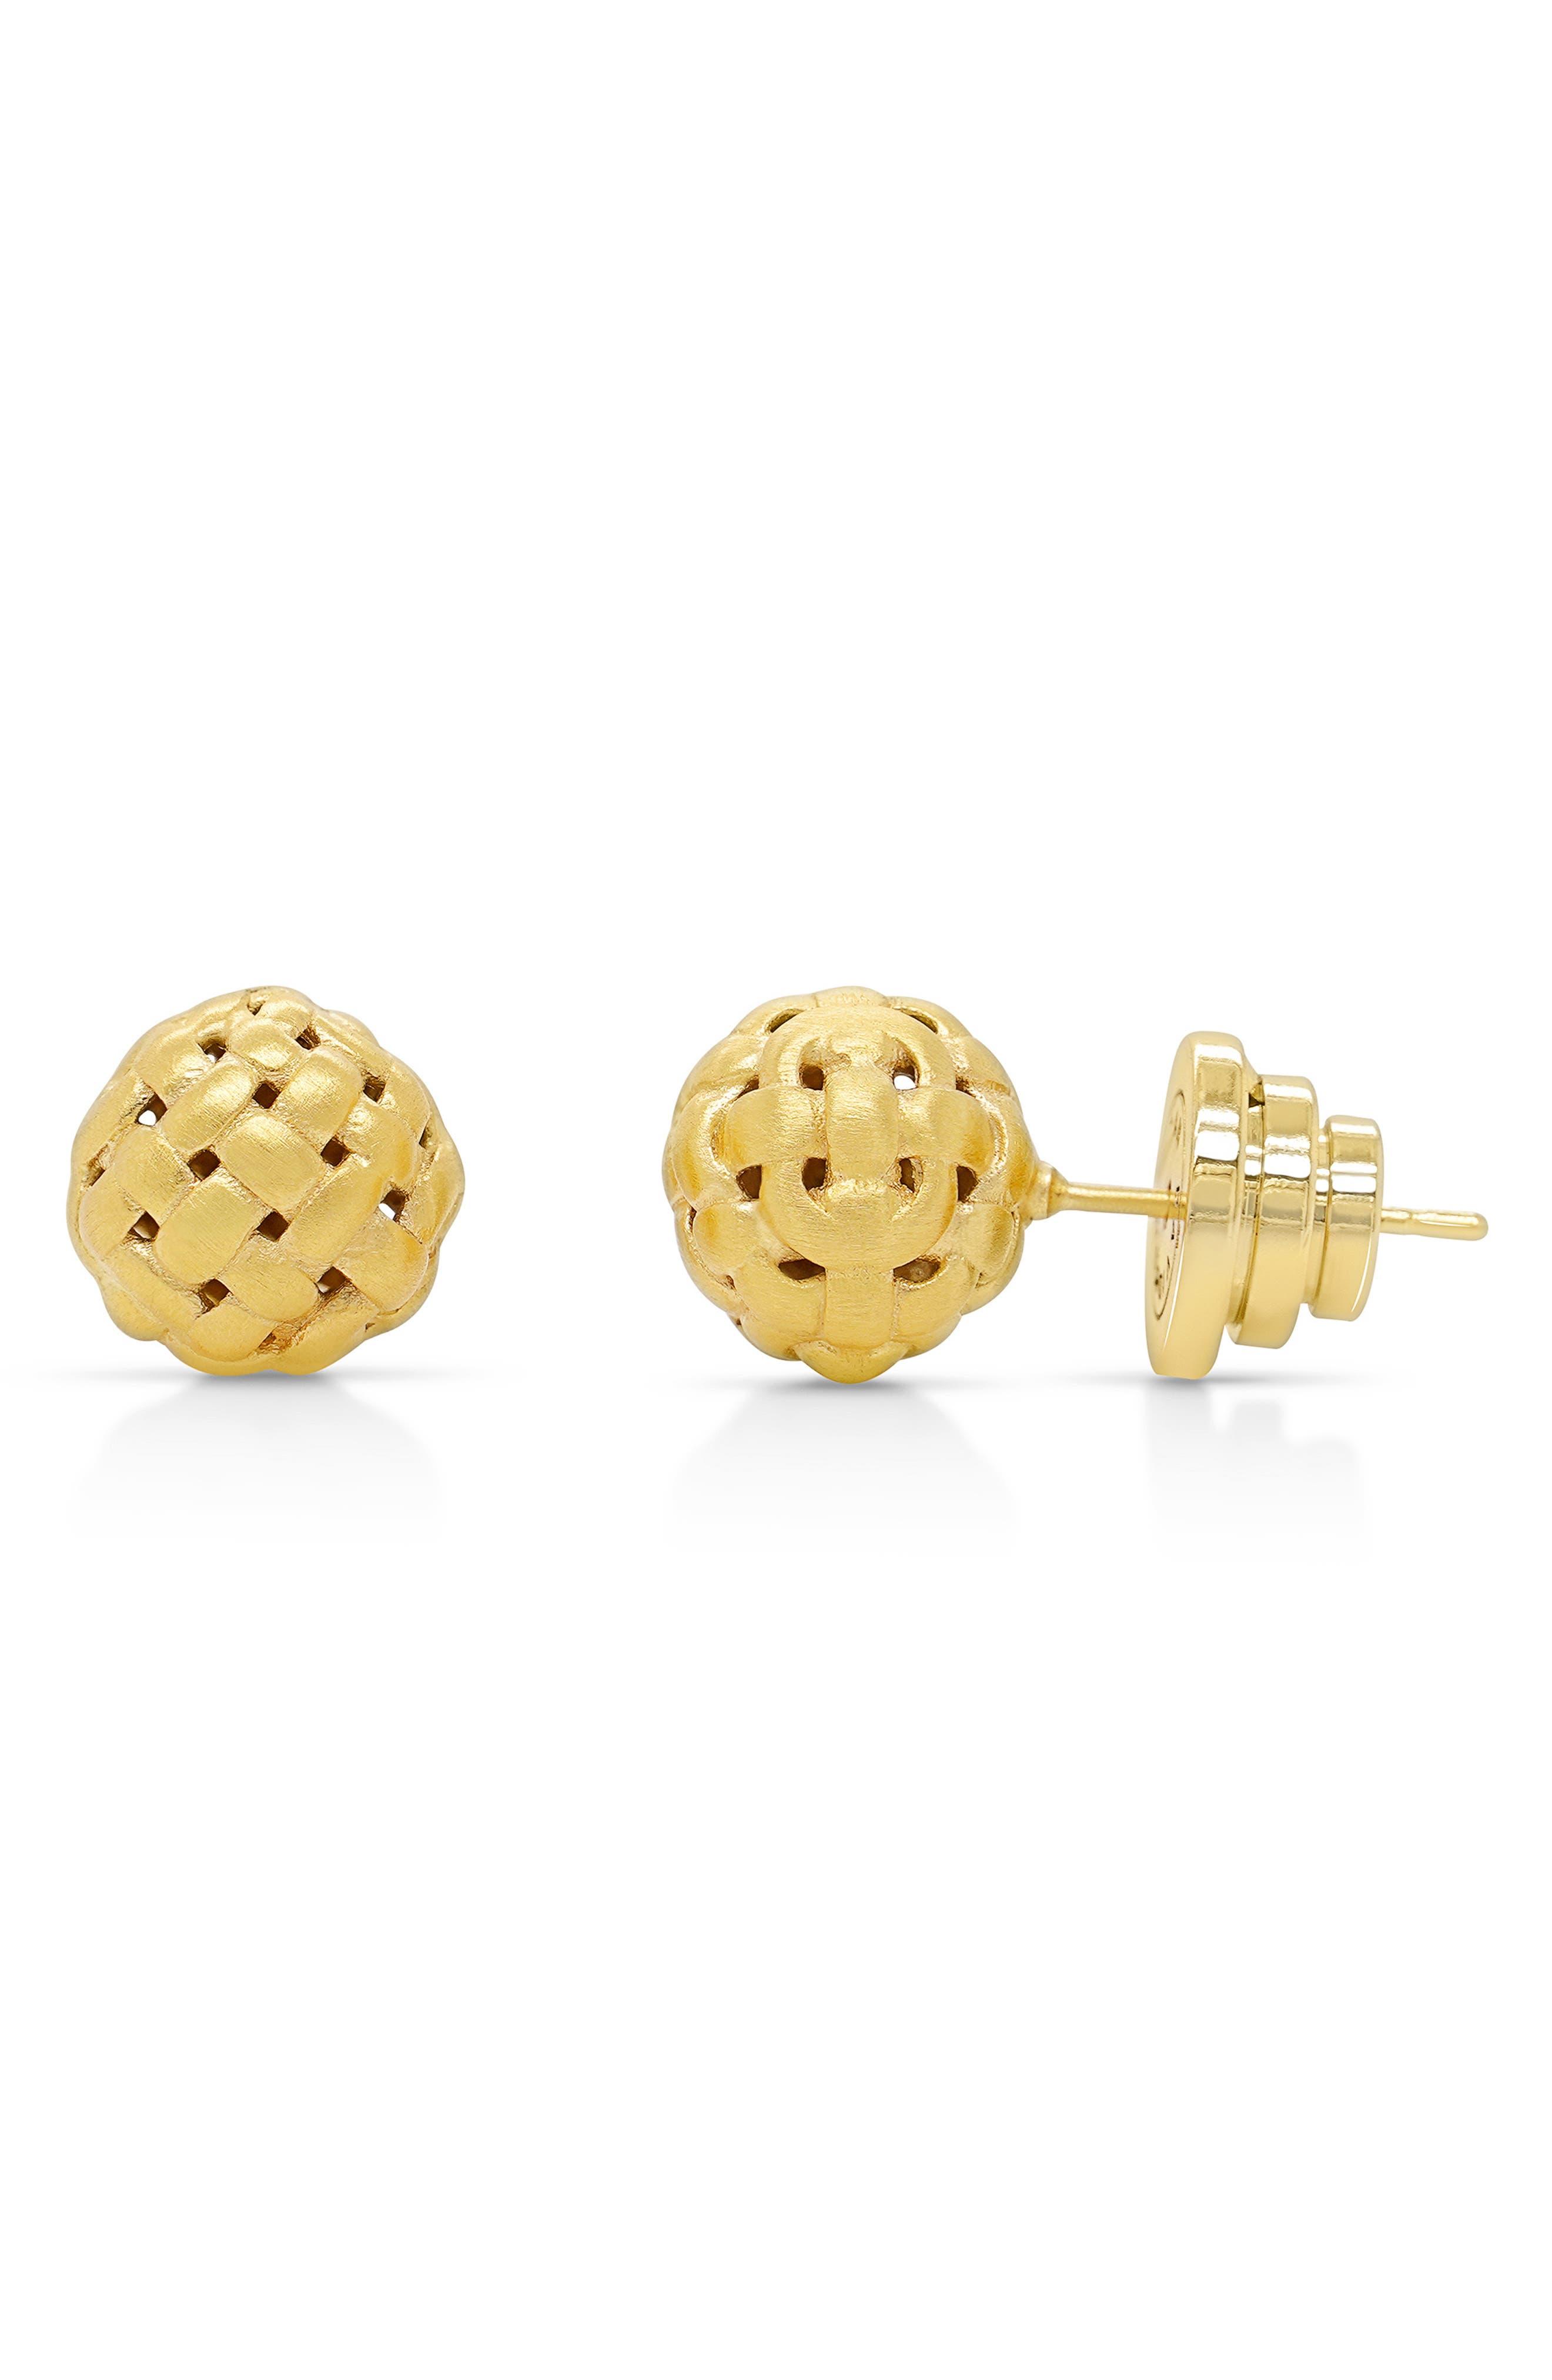 Weave Ball Stud Earrings